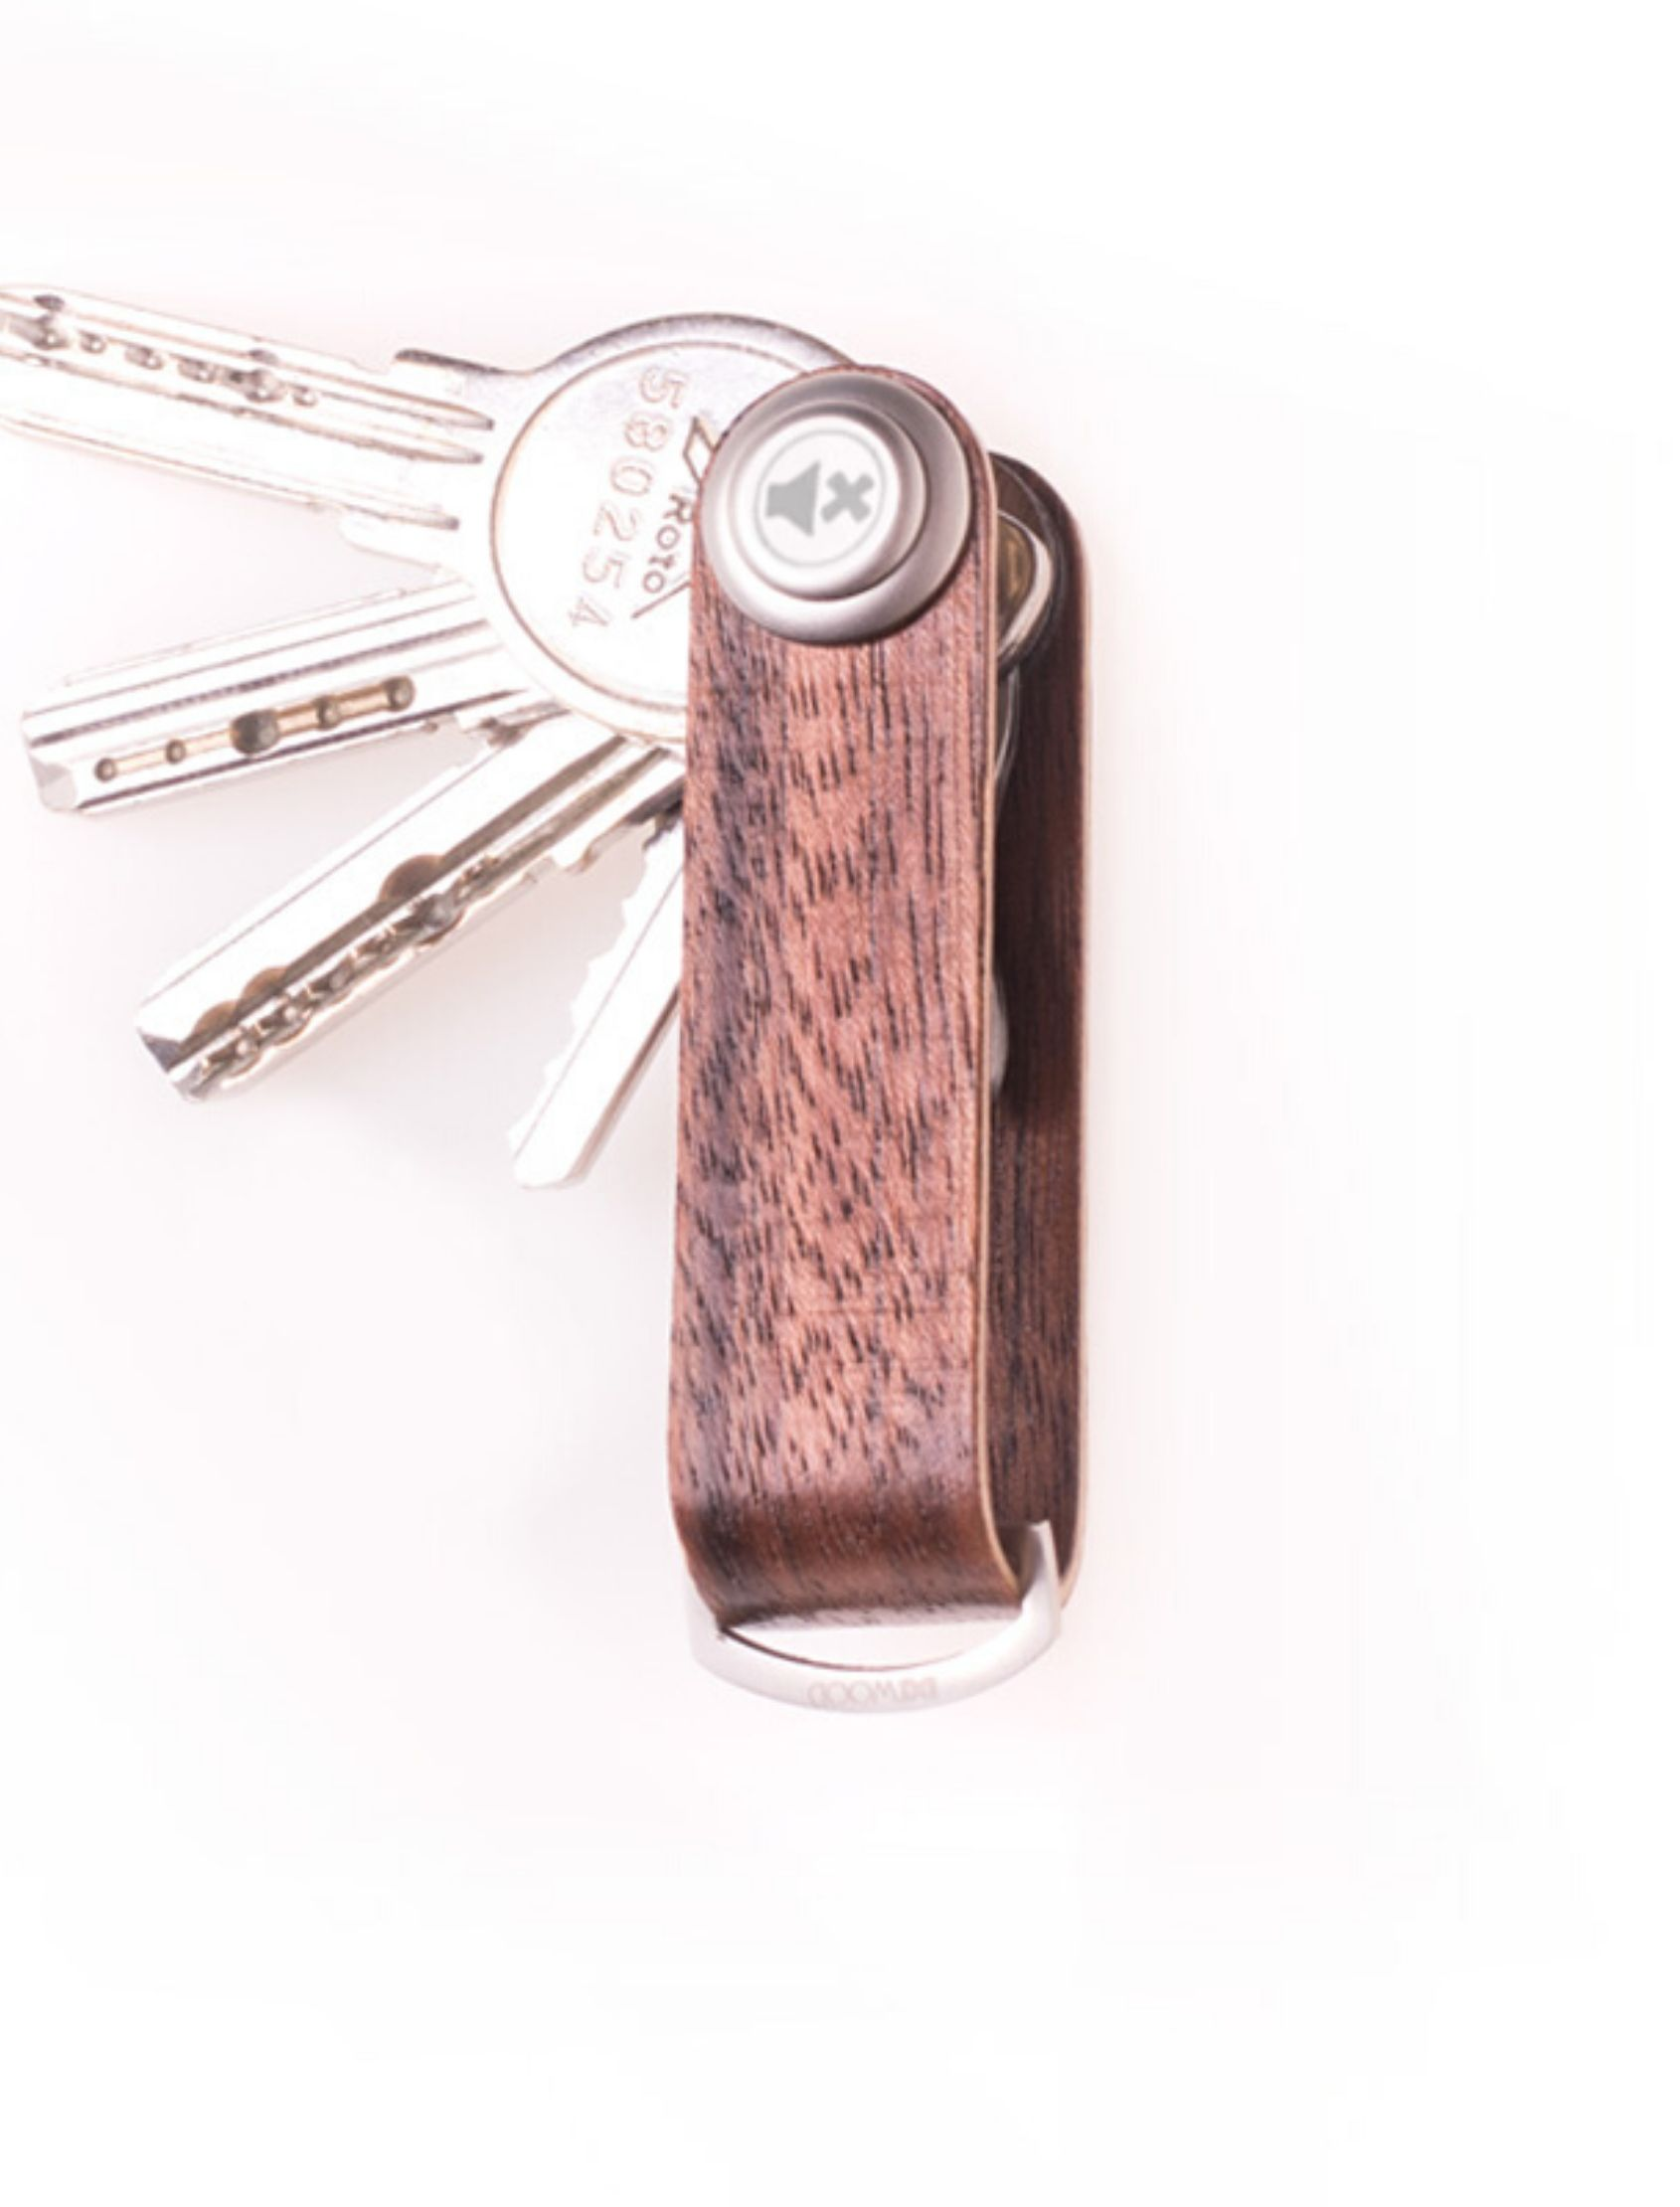 Llavero madera Etimoe practico y original para llevar tus llaves